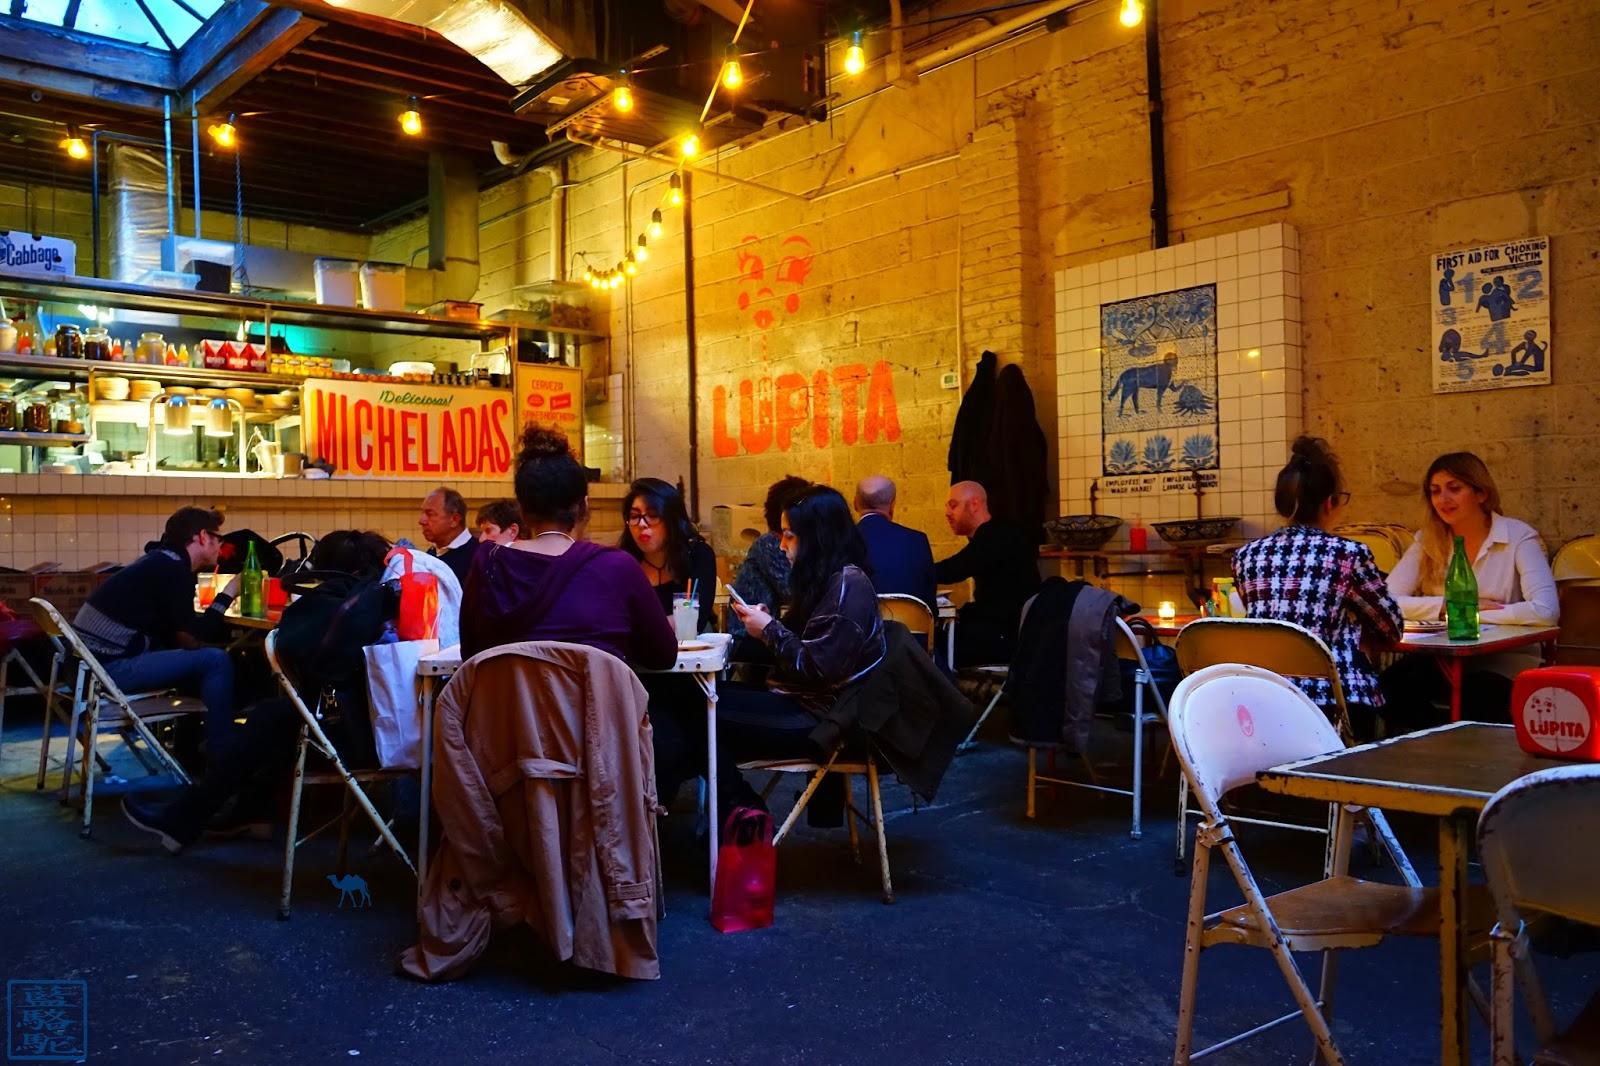 Le Chameau Bleu - Blog Voyage New York City - Restaurant Tacombi - Salle Restaurant de tacos à New York